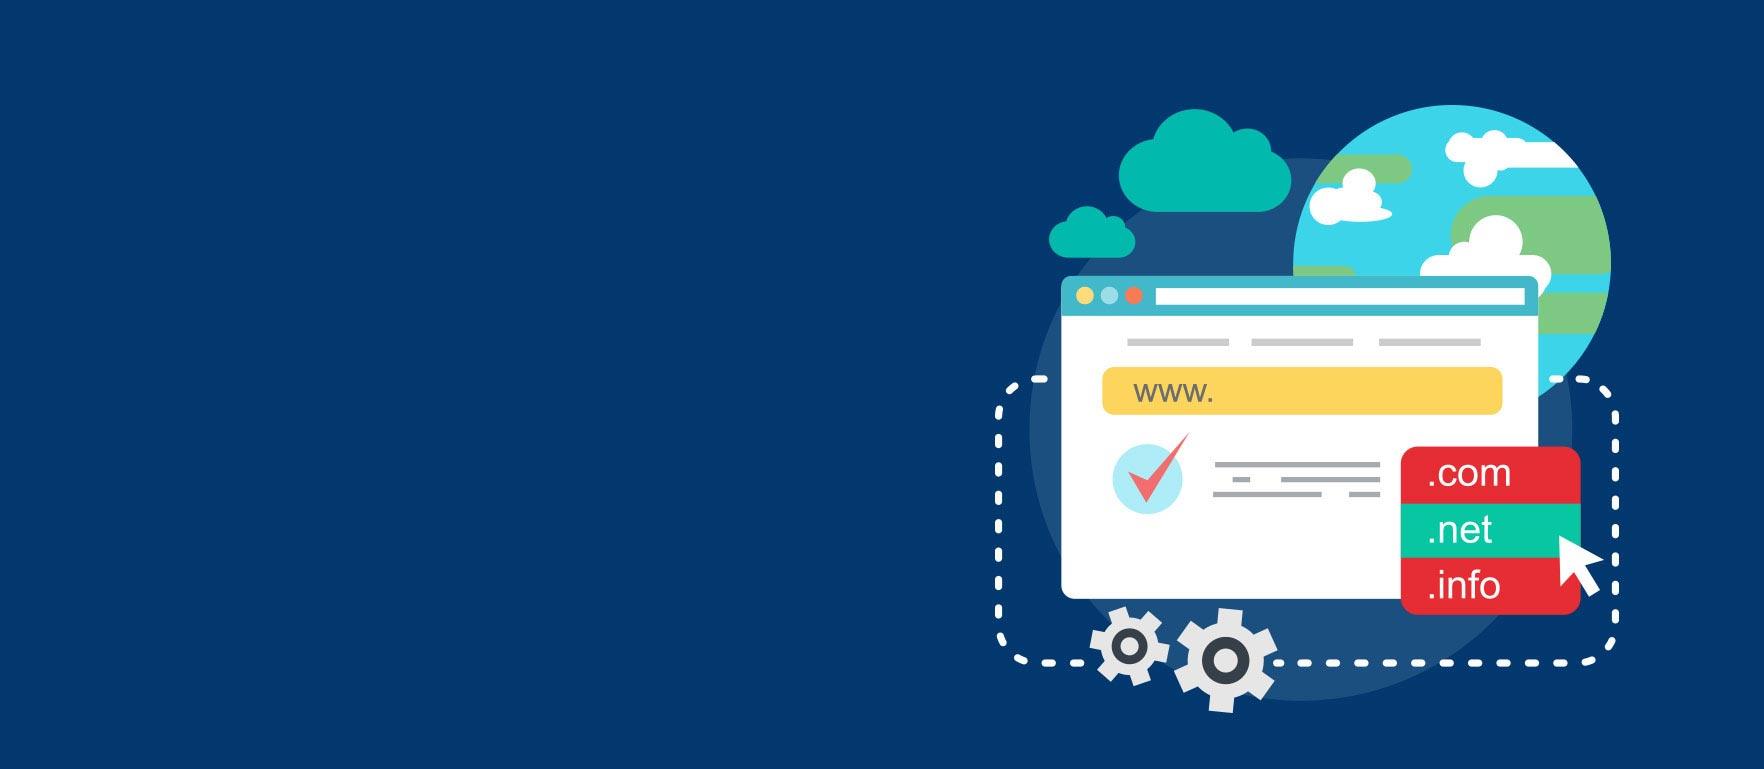 website design image slider